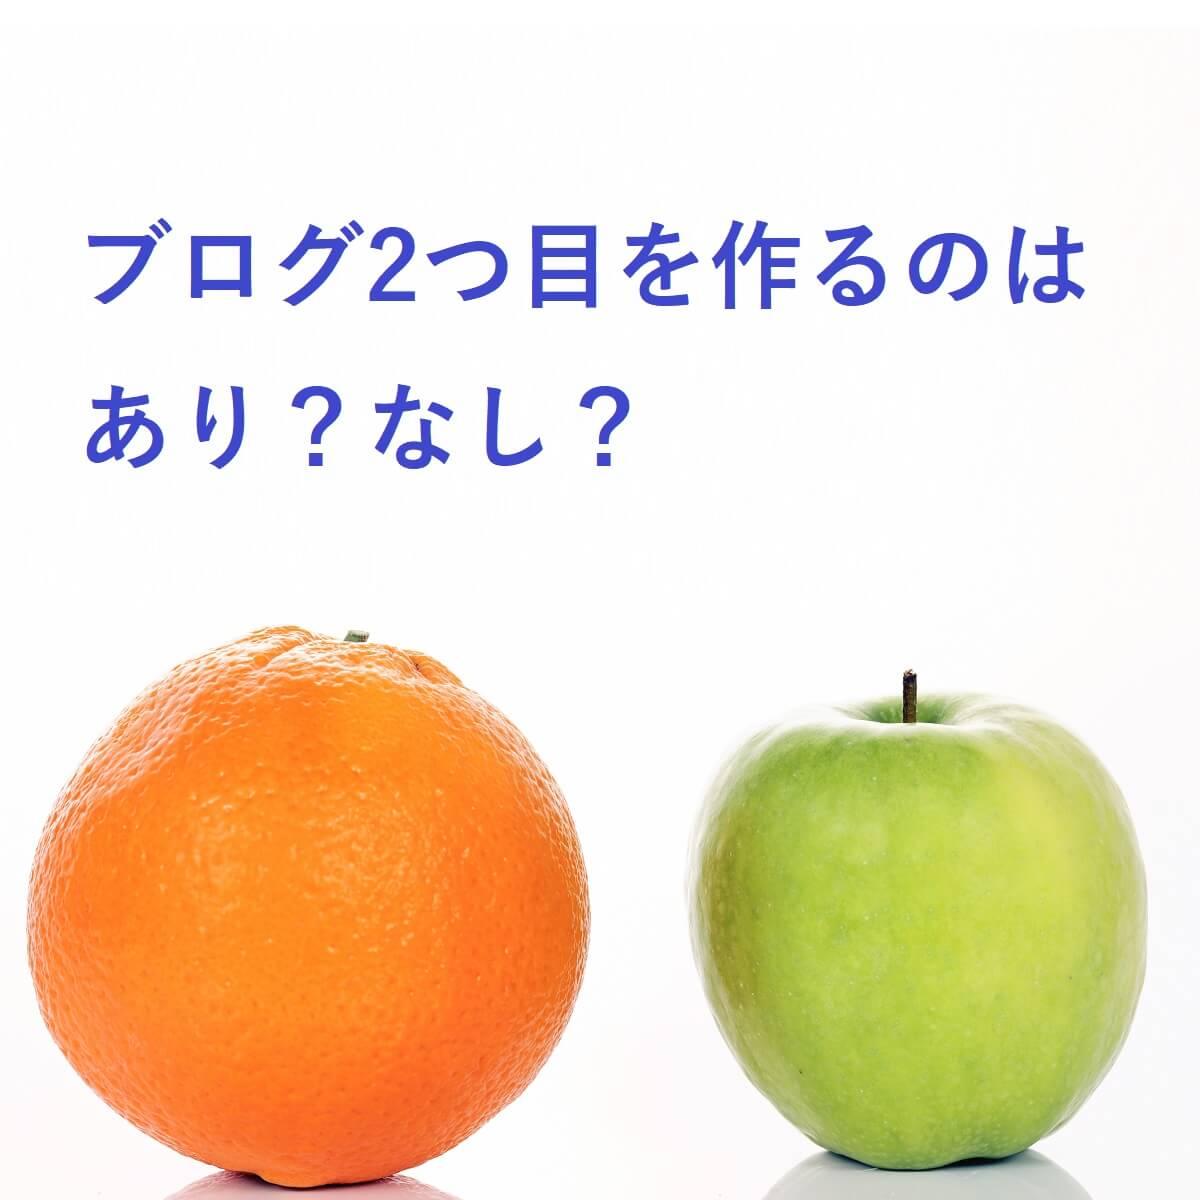 オレンジ1個と青りんご1個が並んでいる様子。